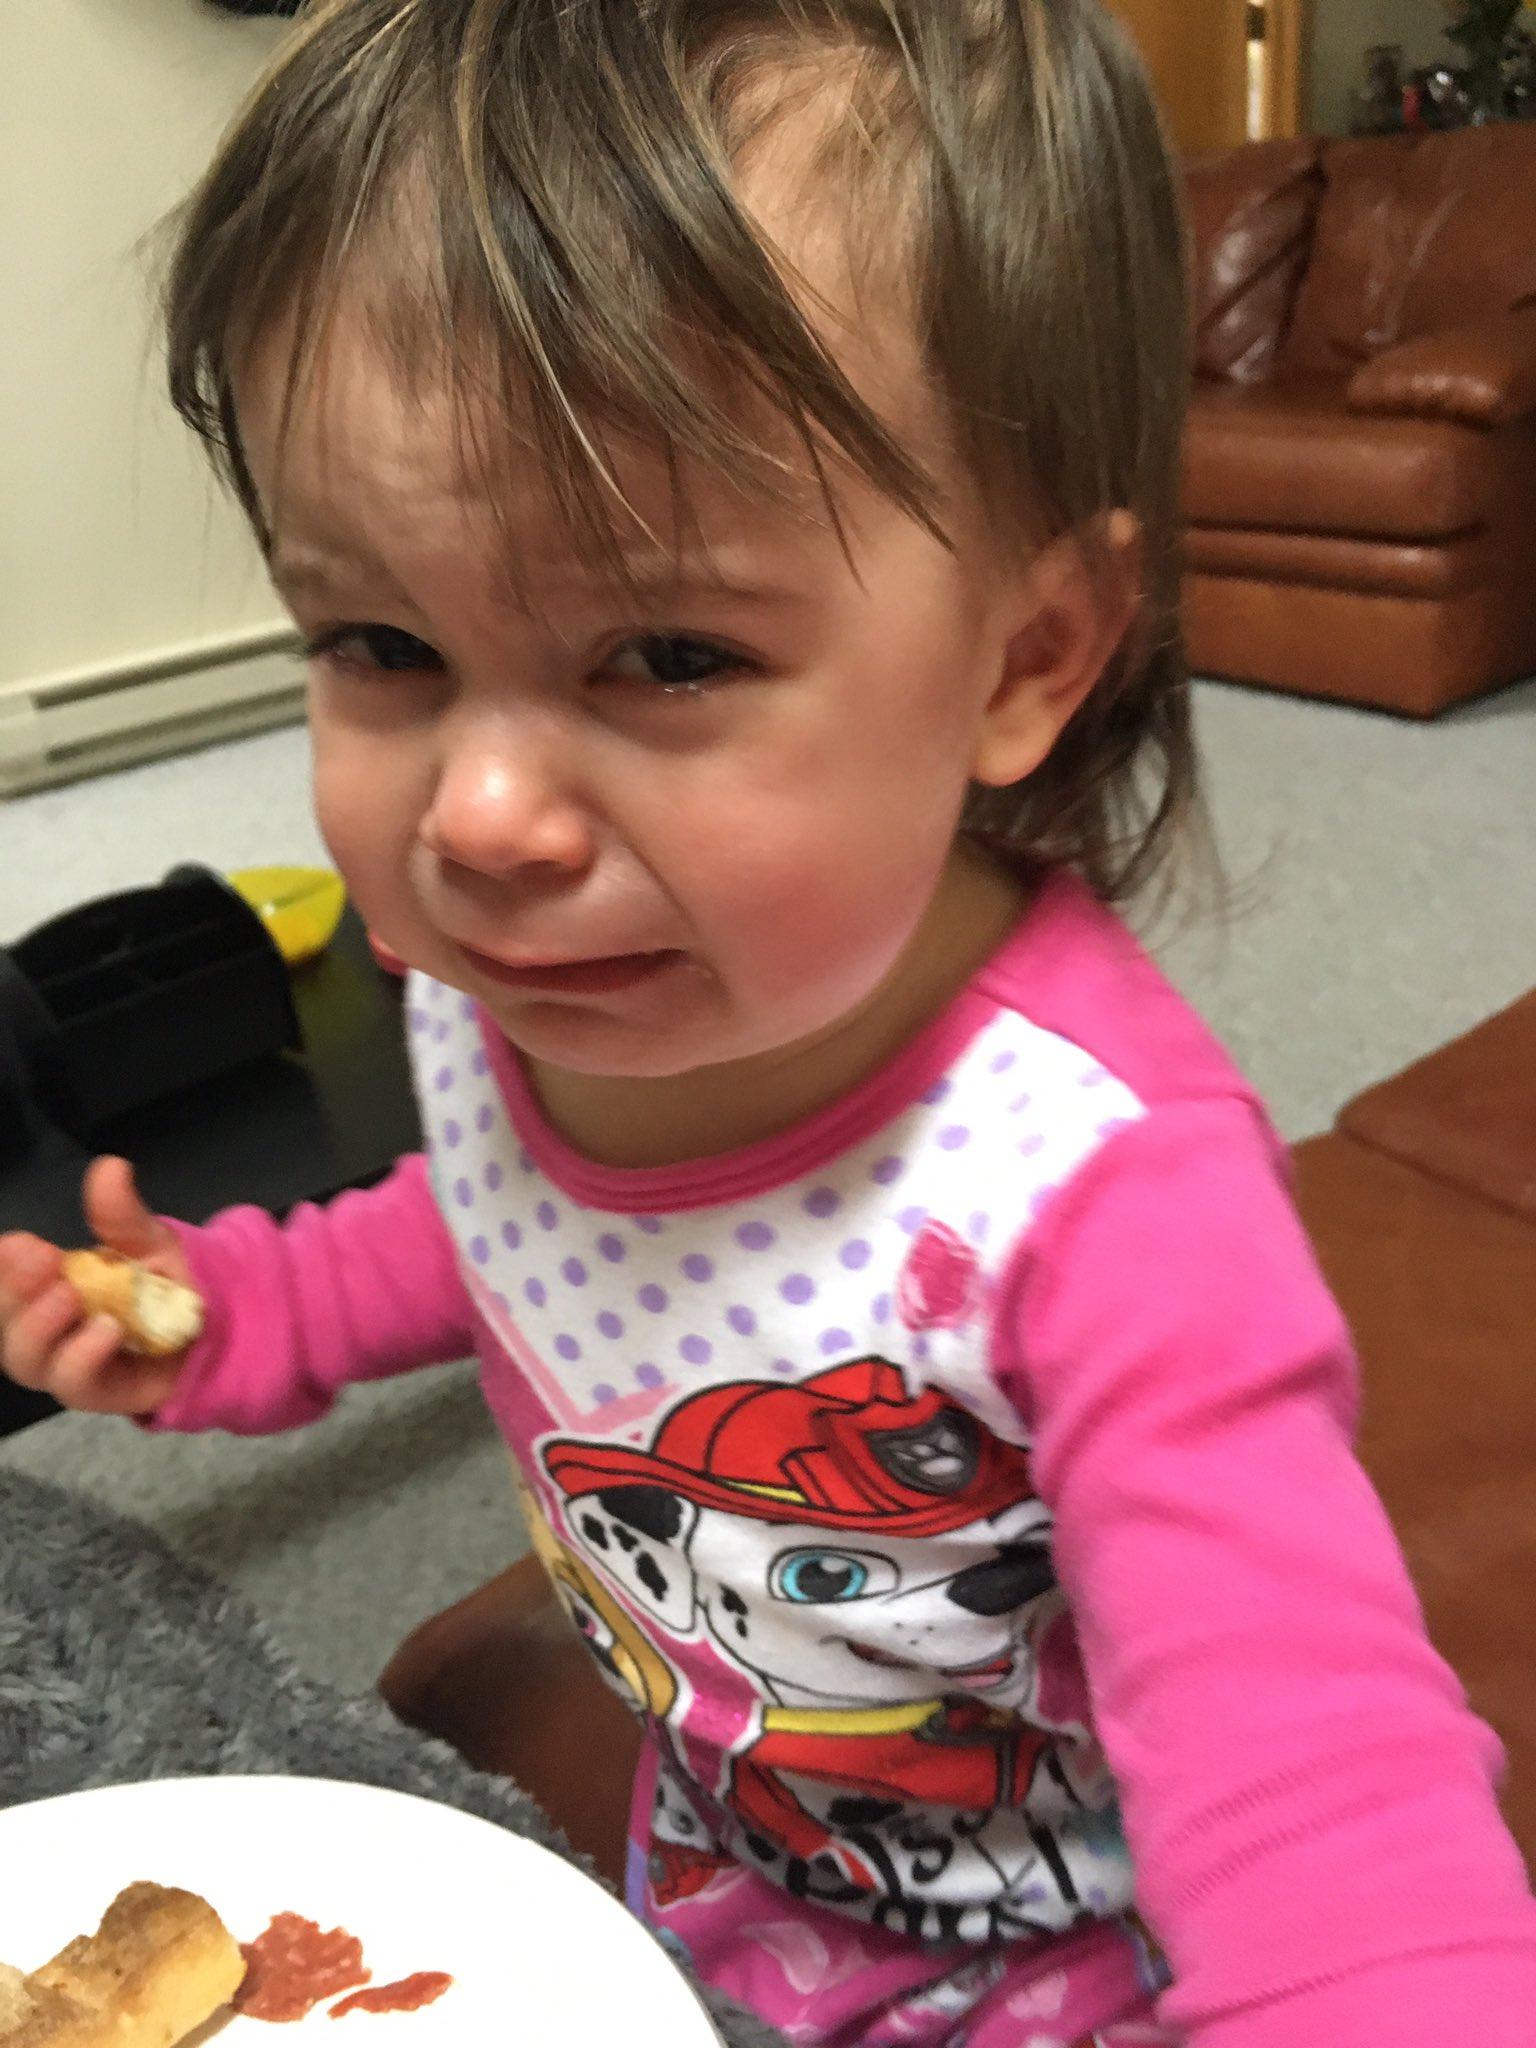 niña llora mientras come